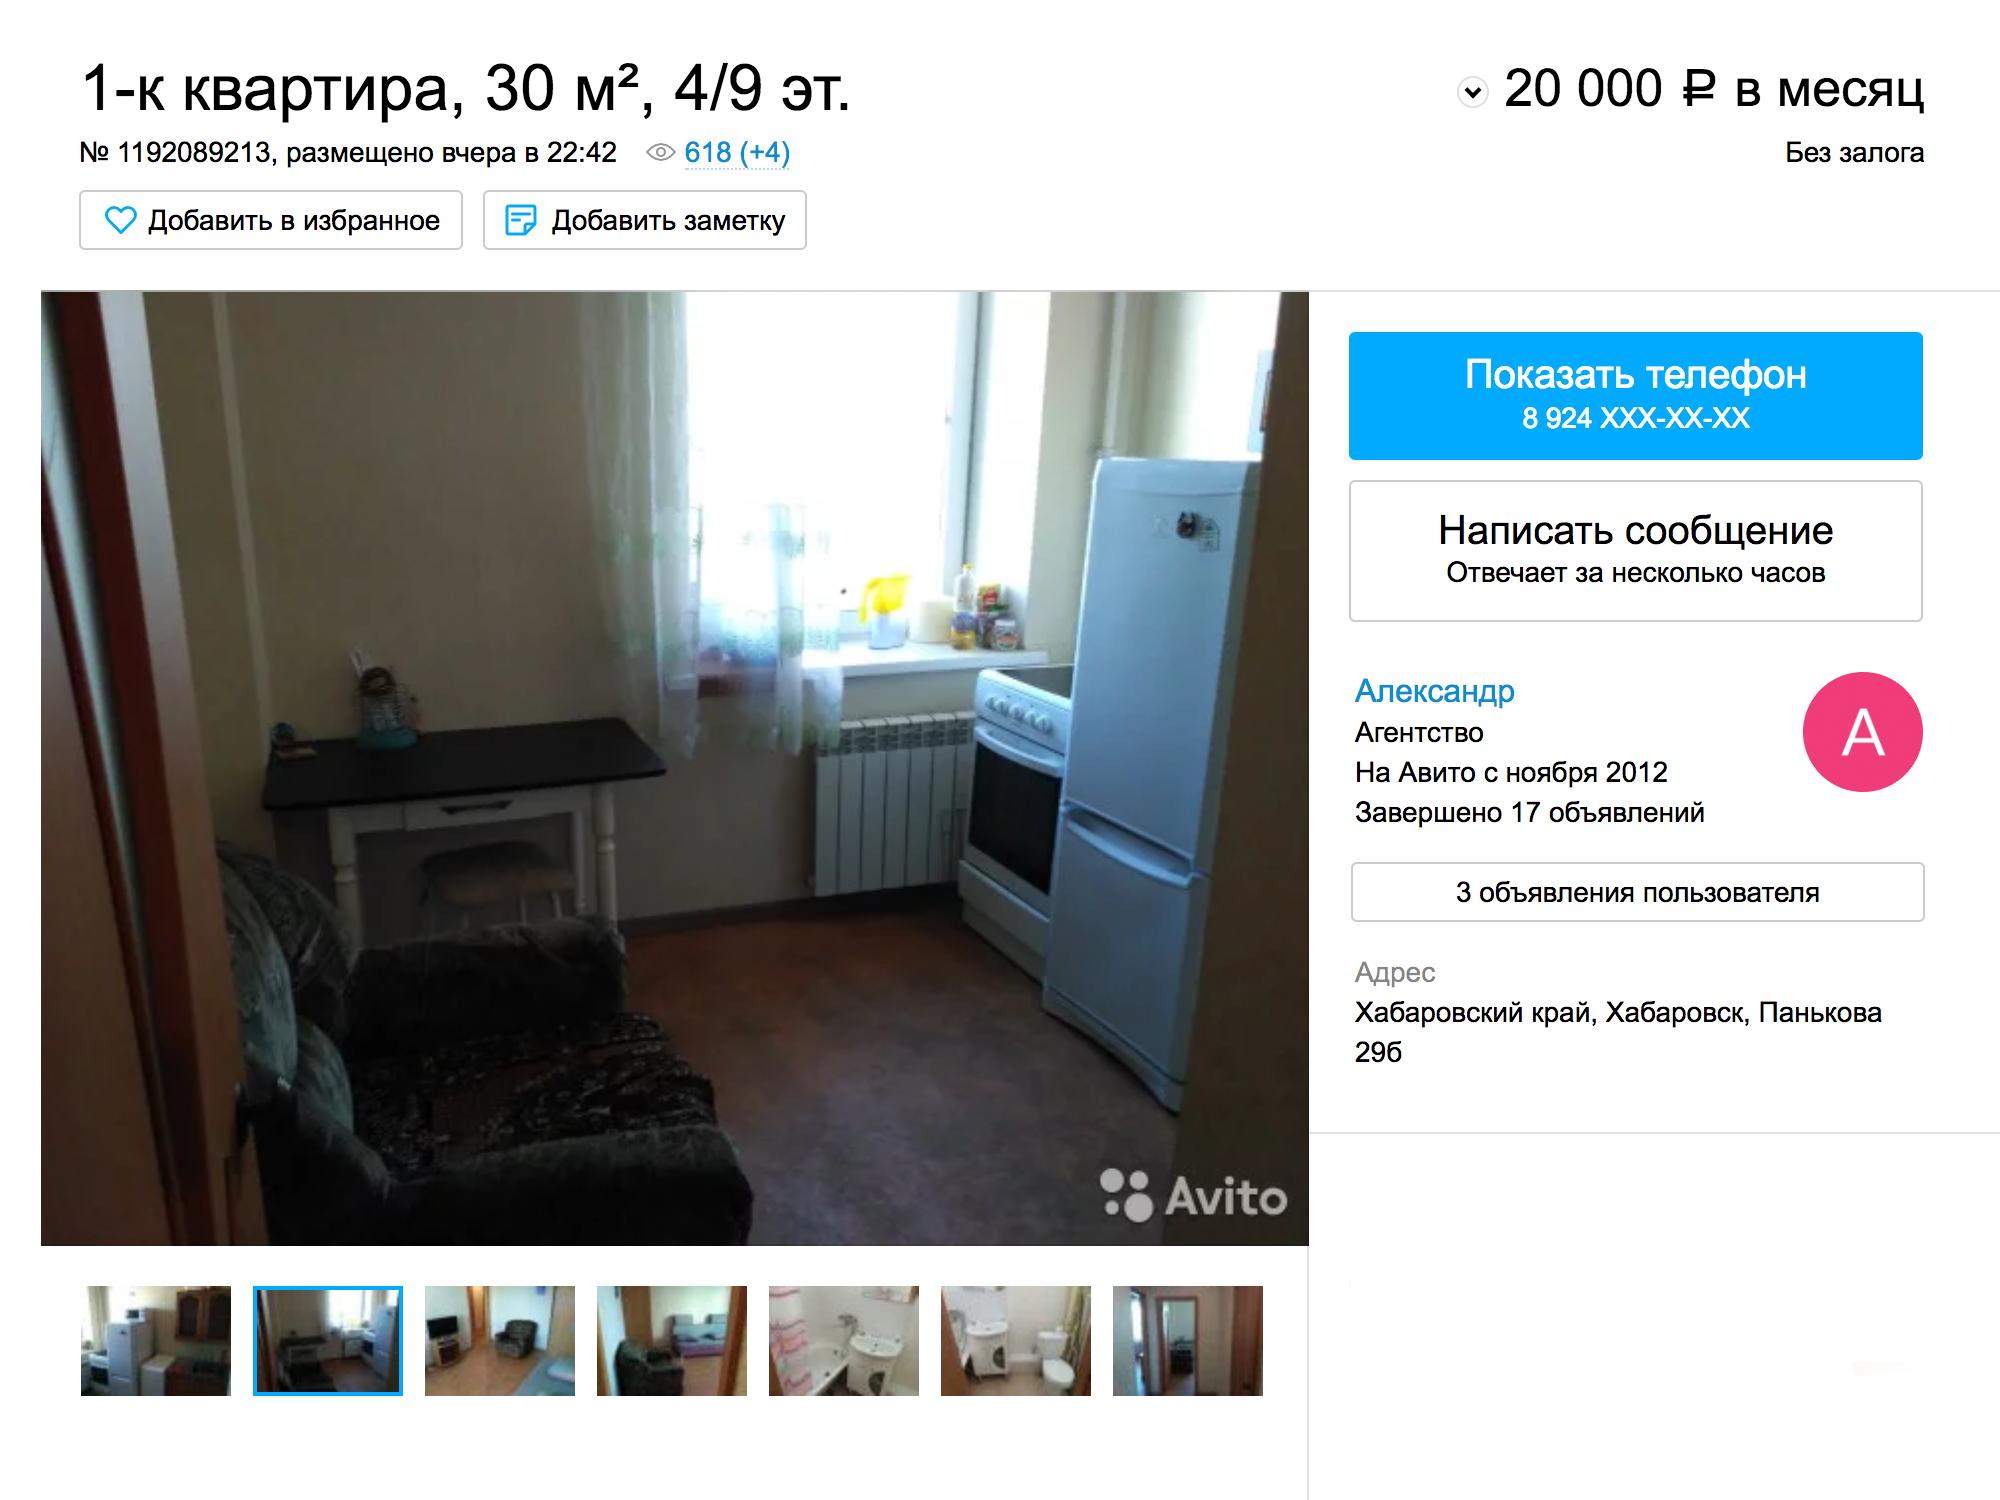 Более-менее приличную однокомнатную квартиру в центре города можно снять за 20 тысяч рублей